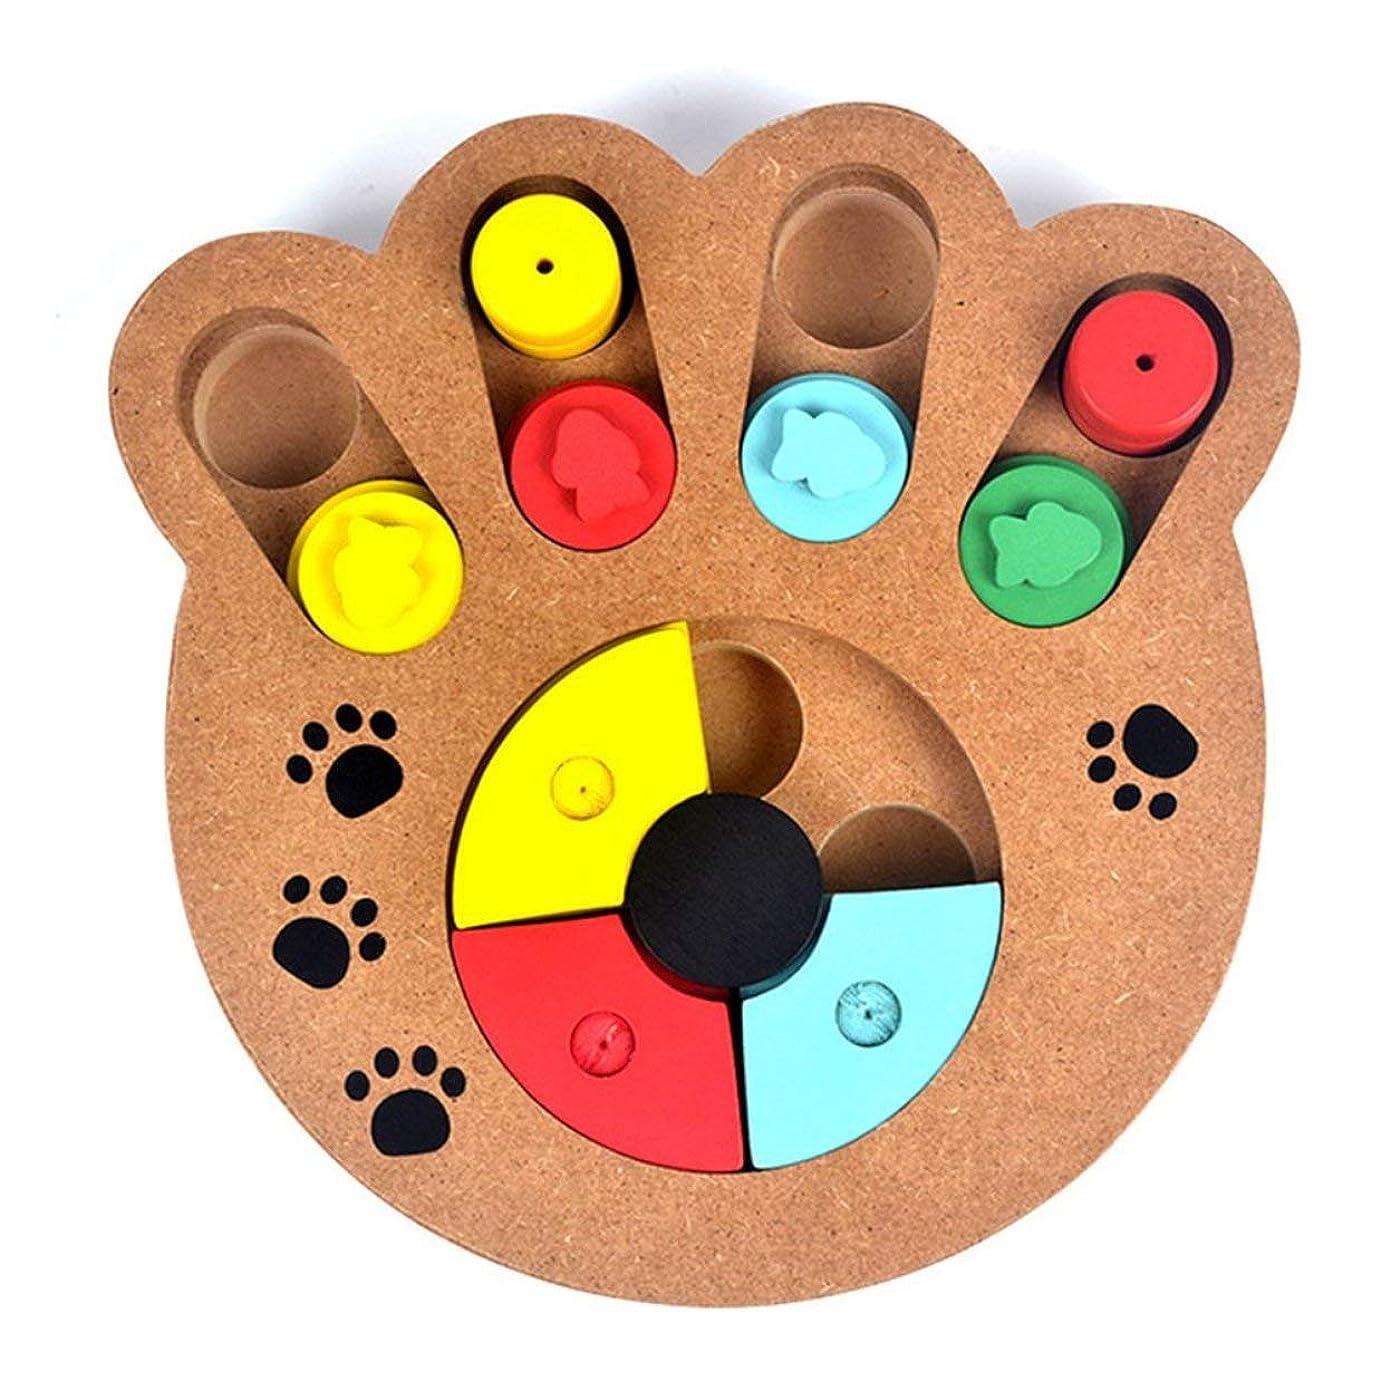 拘束野心教養があるSaikogoods 多機能の自然食品は 子犬犬猫ペット用品のための木製教育ポウパズルインタラクティブ玩具扱い マルチカラーミックス